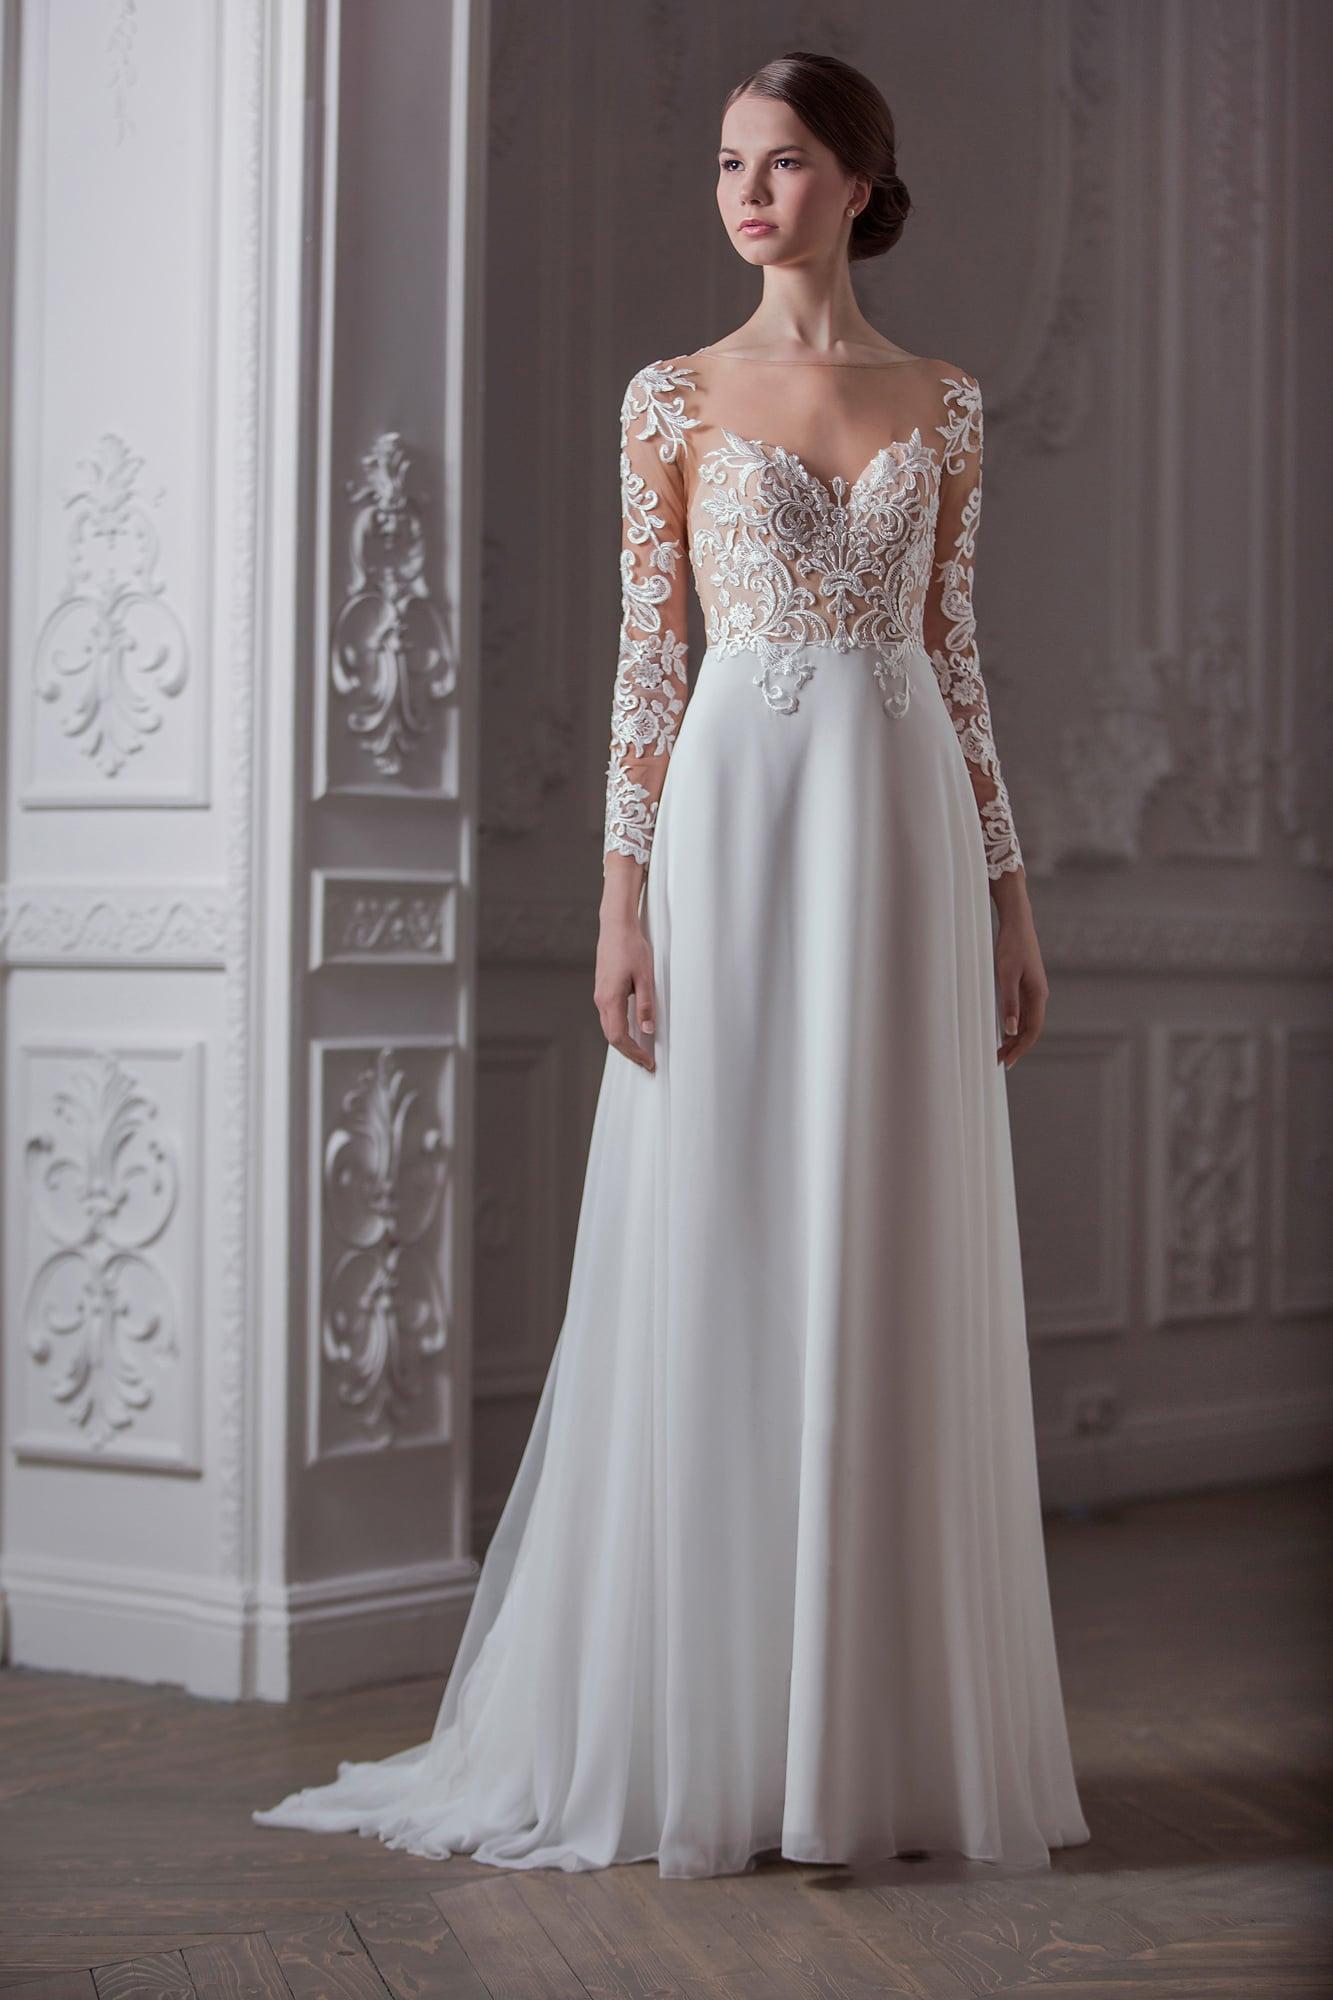 83cda7de6d7bbf1 Романтичное свадебное платье с полупрозрачным кружевным верхом и юбкой  прямого кроя.